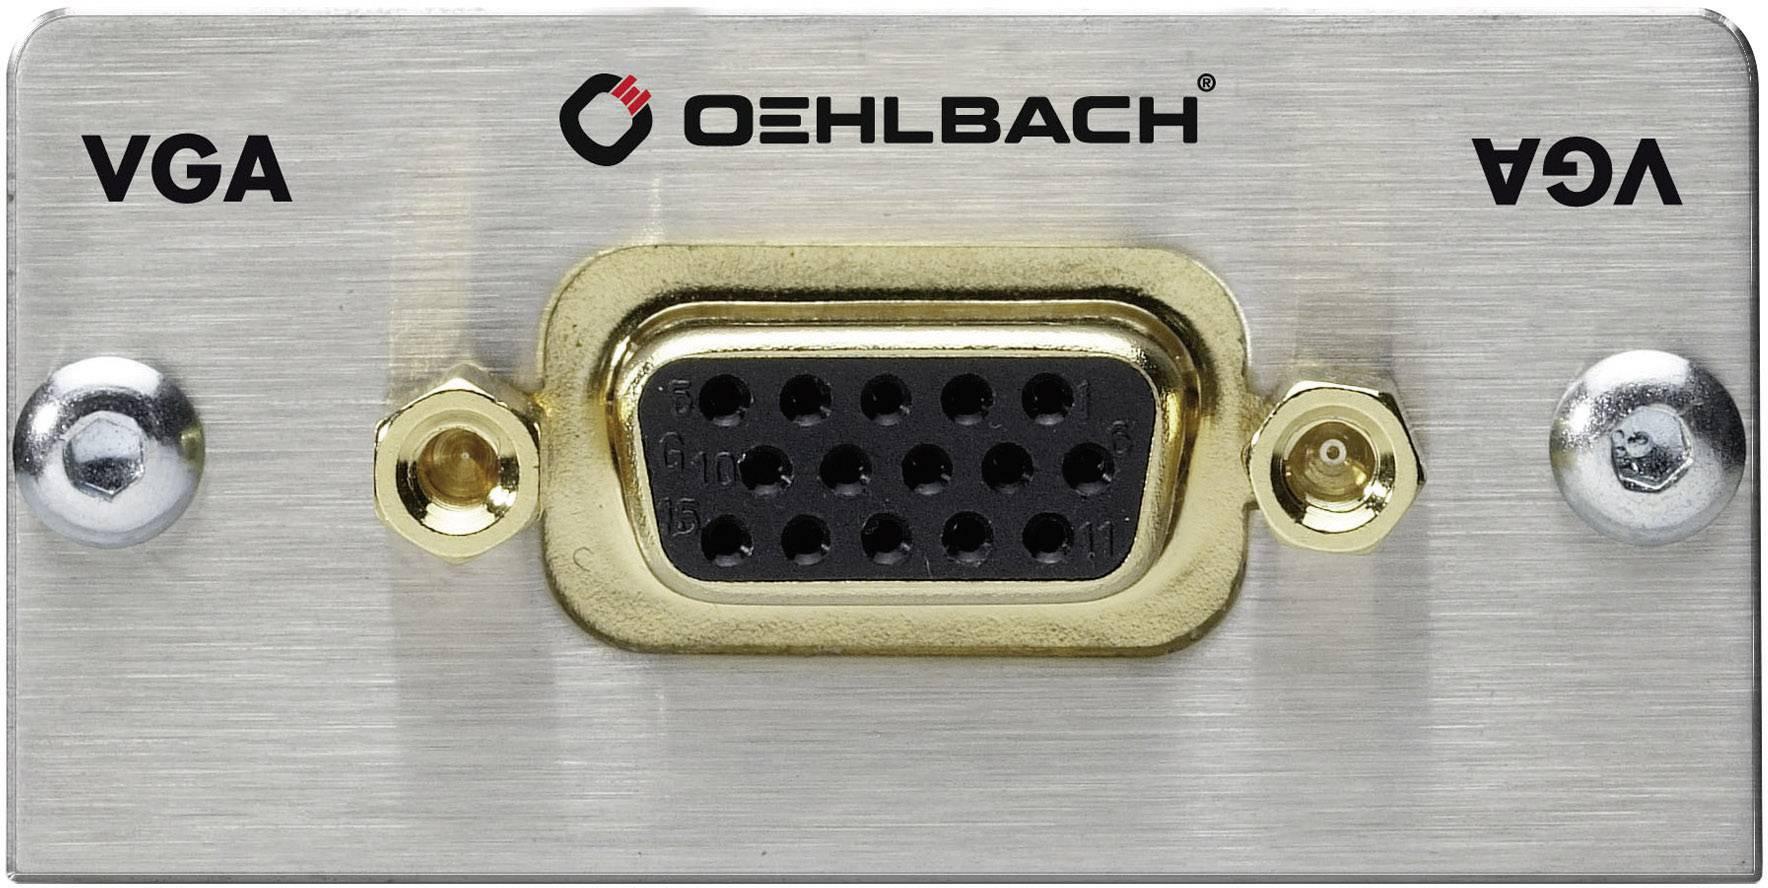 Inserto multimedia VGA con cavo adattatore Oehlbach PRO IN MMT-C VGA